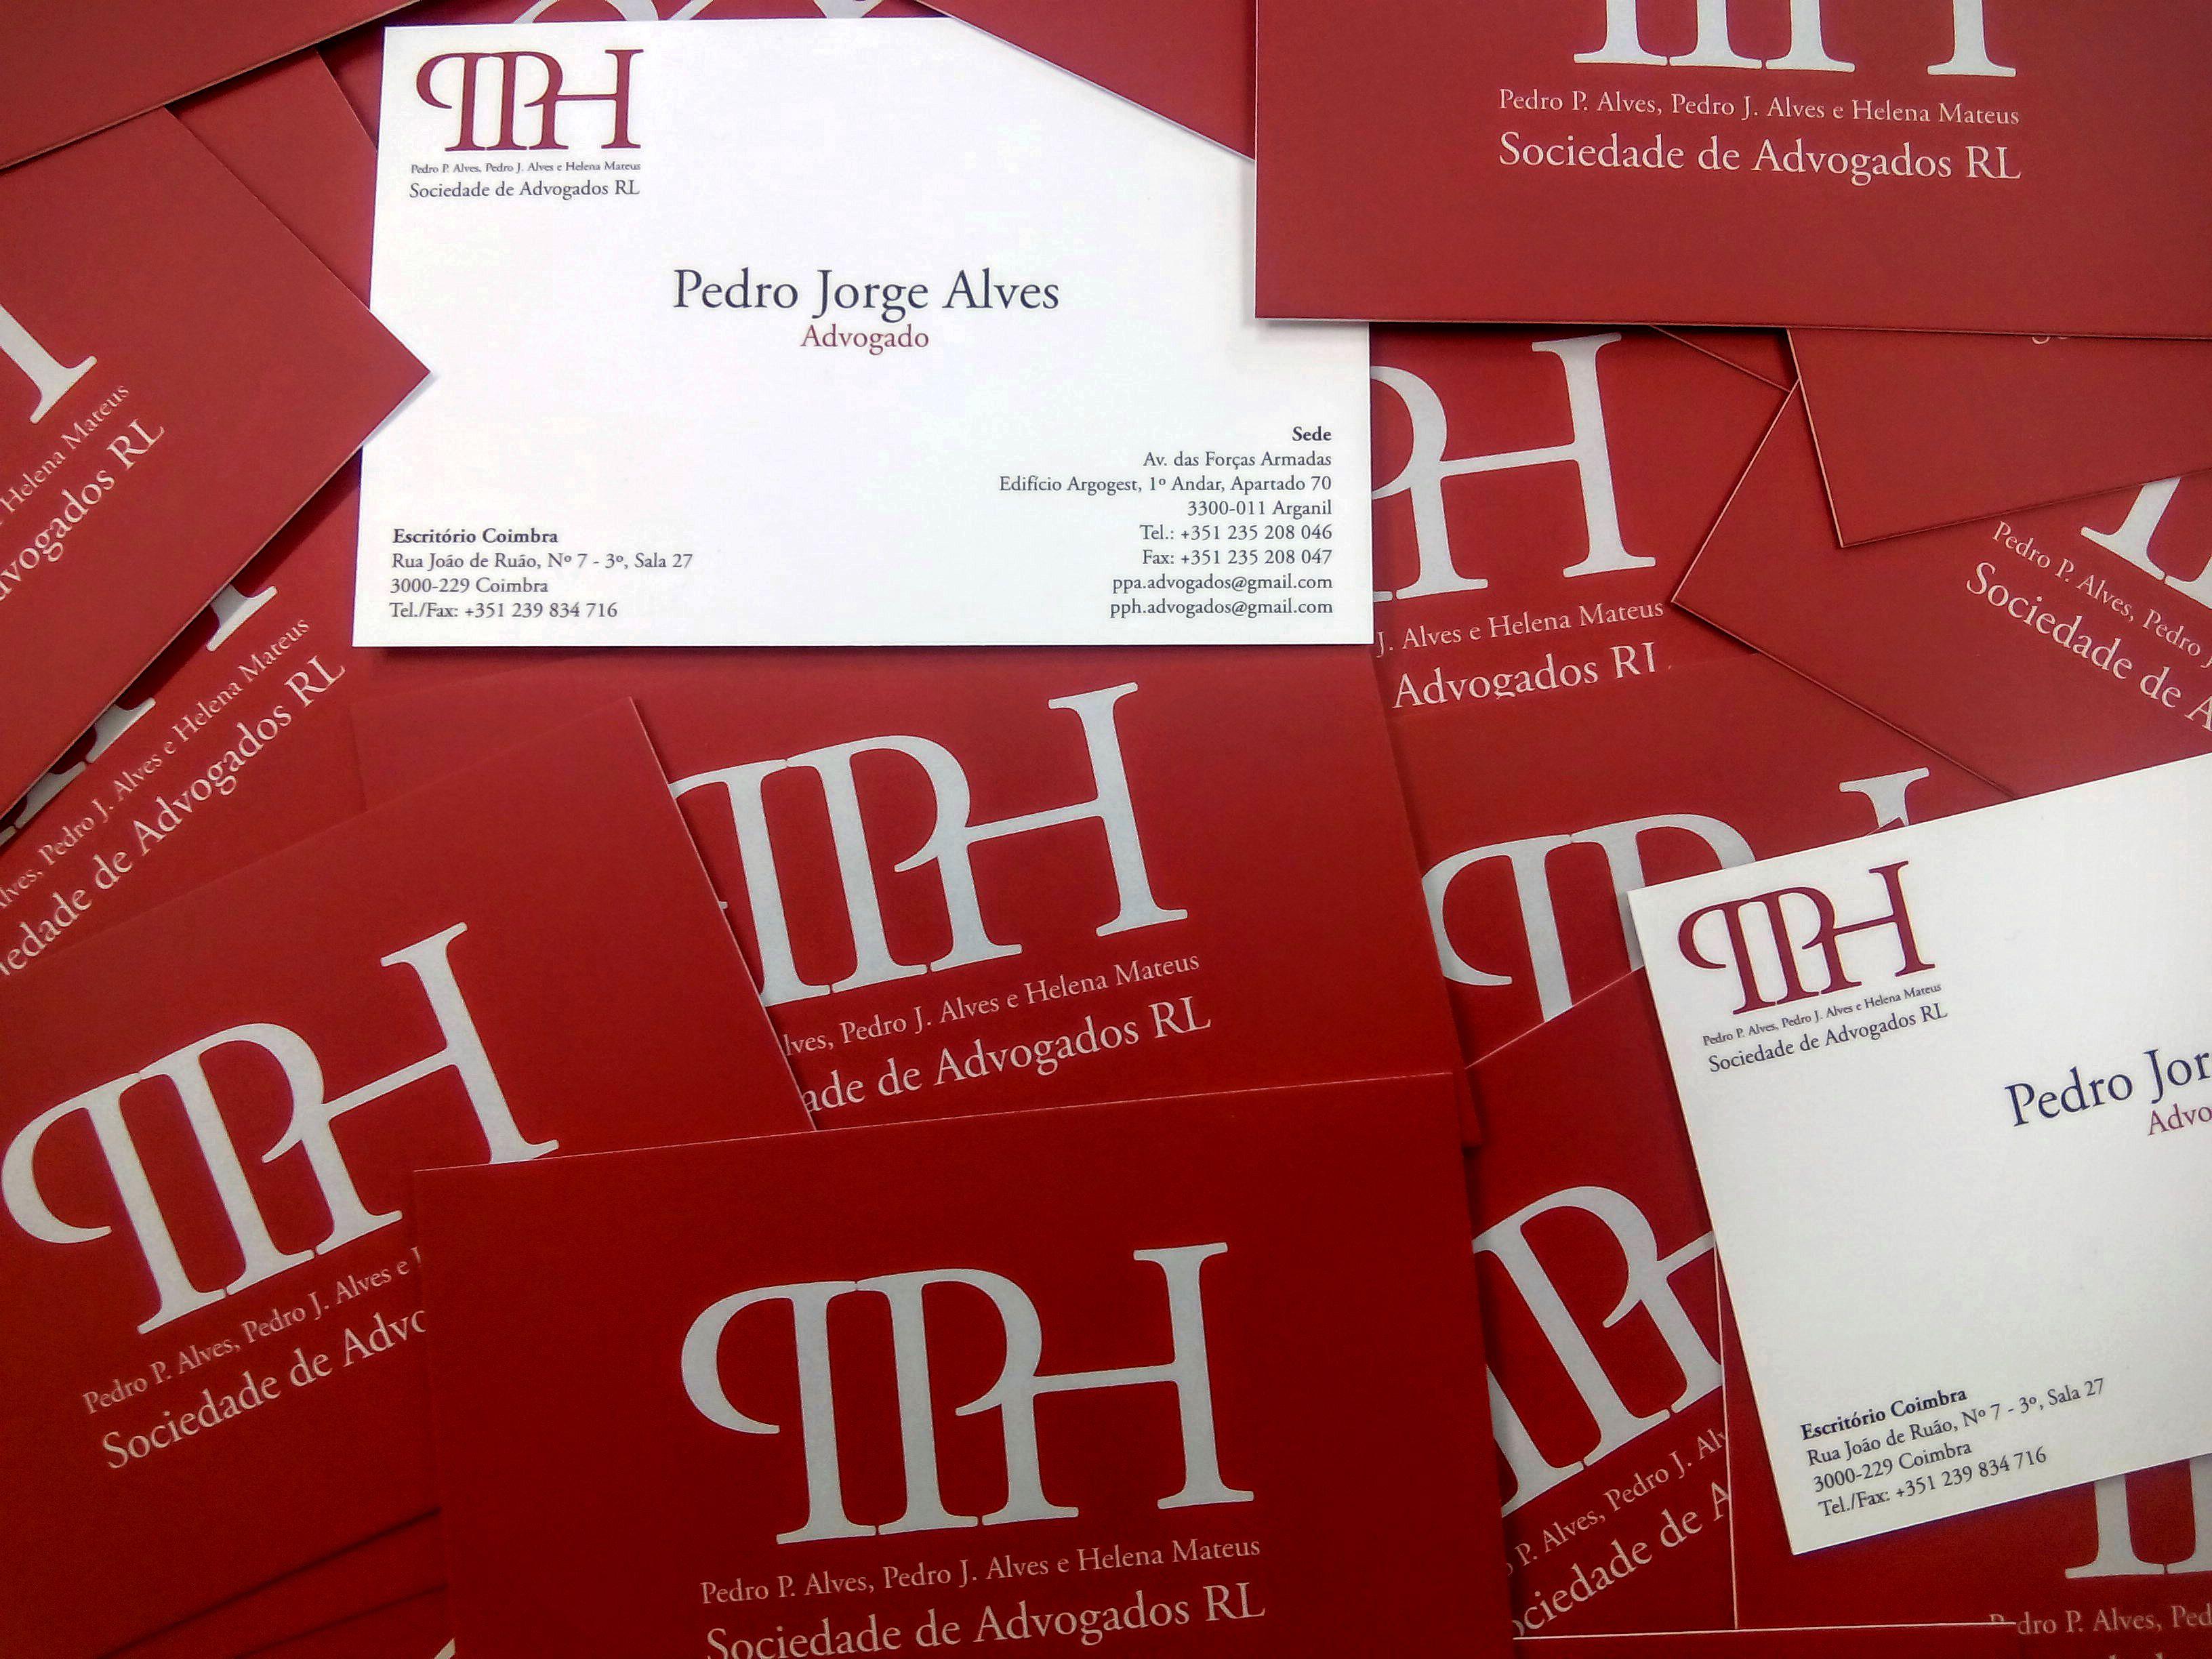 Desenvolvimento de Identidade Corporativa para a Sociedade de Advogados PPH.